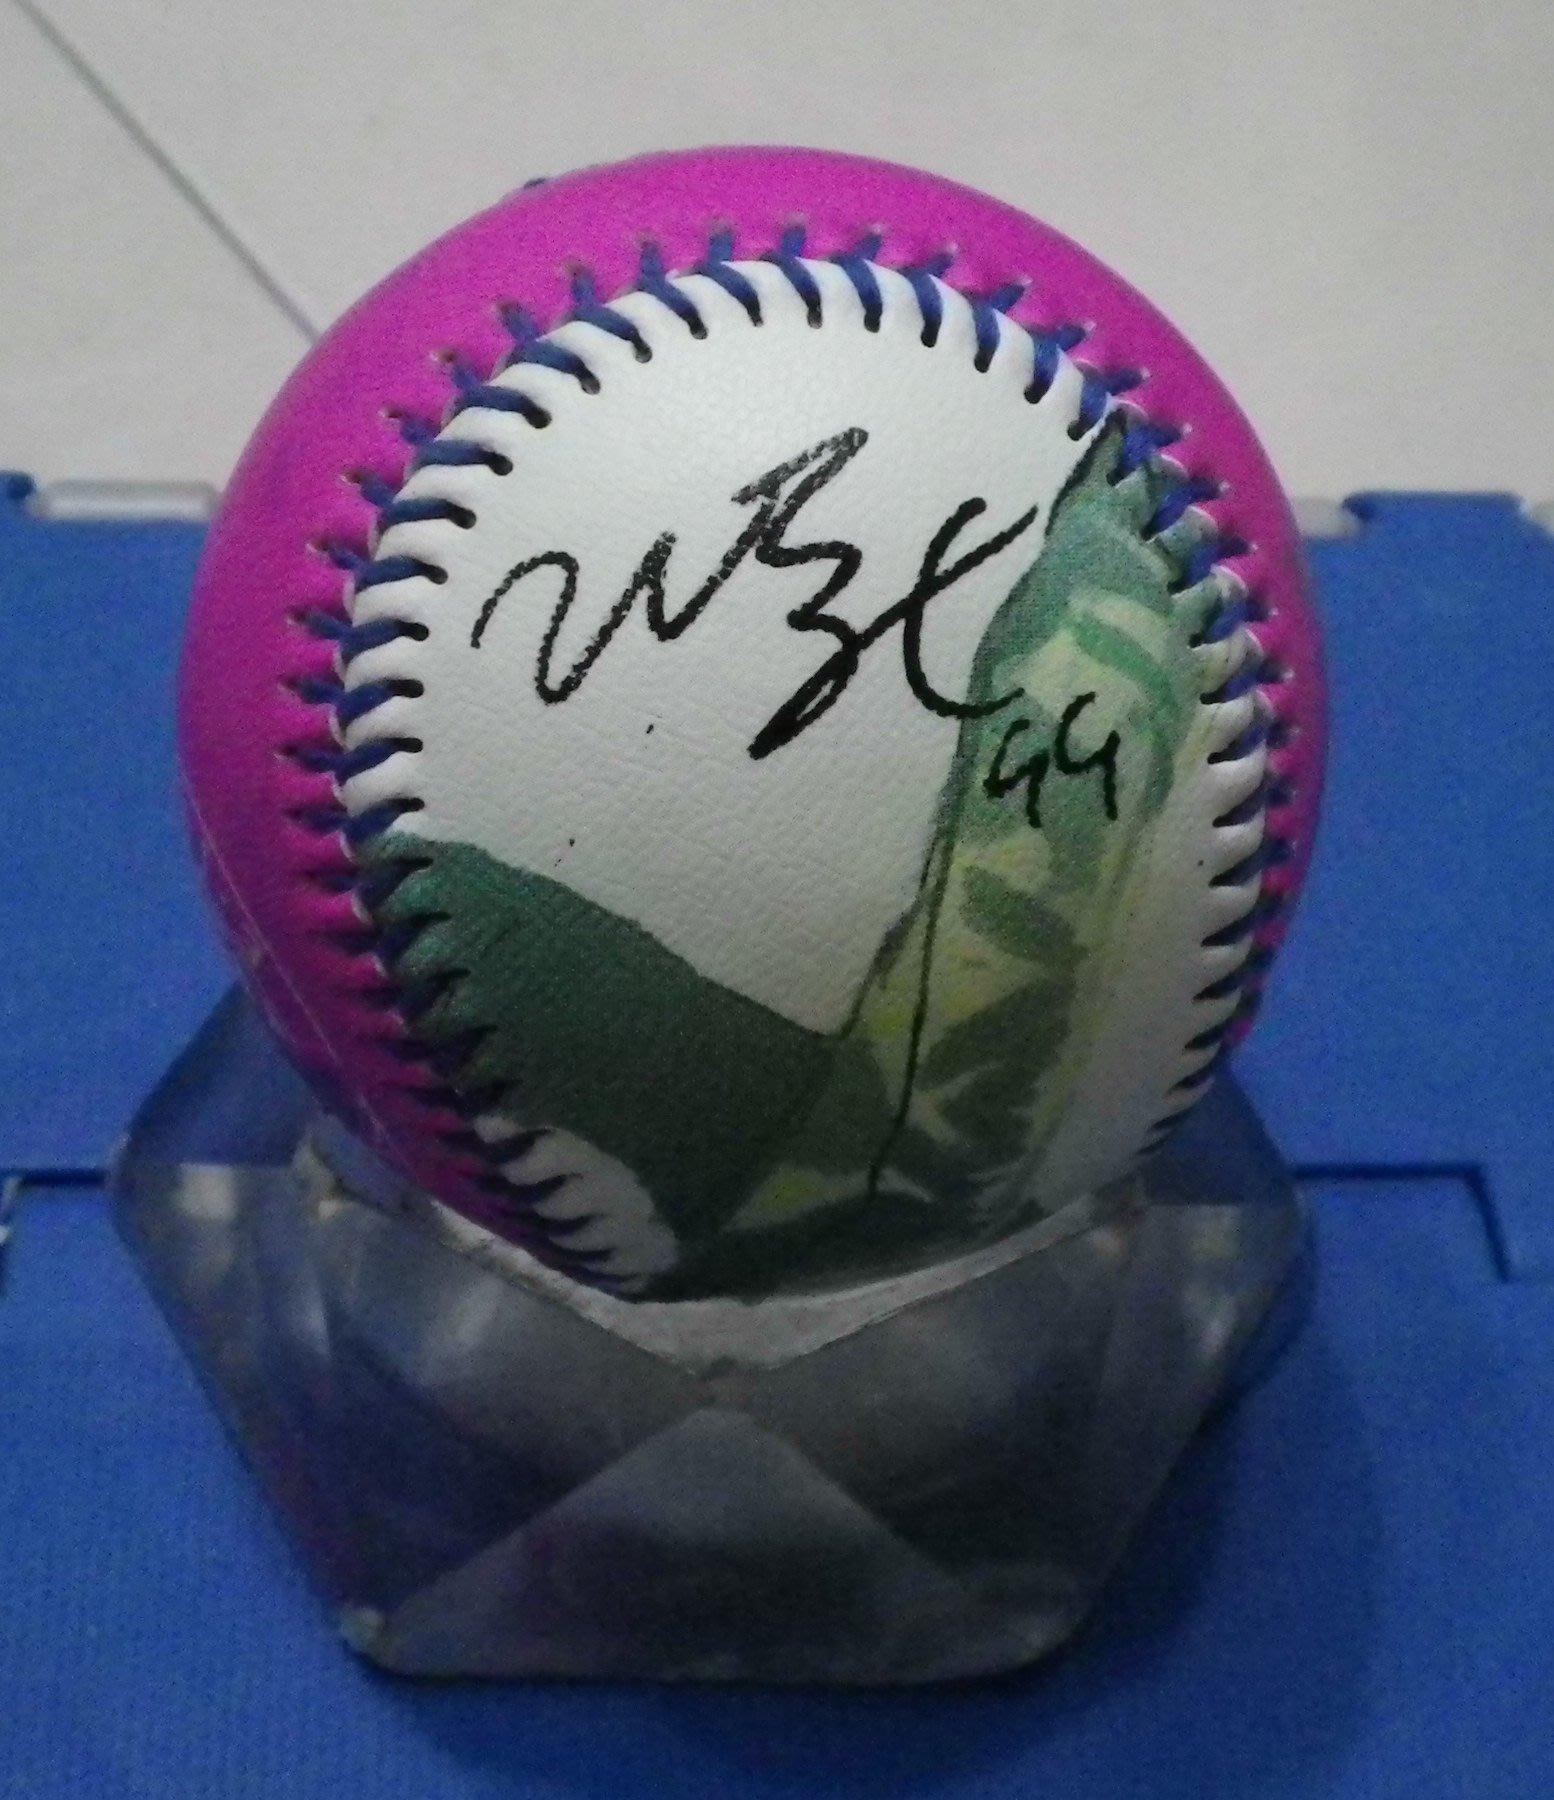 棒球天地---賣場唯一--- 義大犀牛 曼尼 Manny Ramirez 簽名肖像球.字跡漂亮..只有1顆